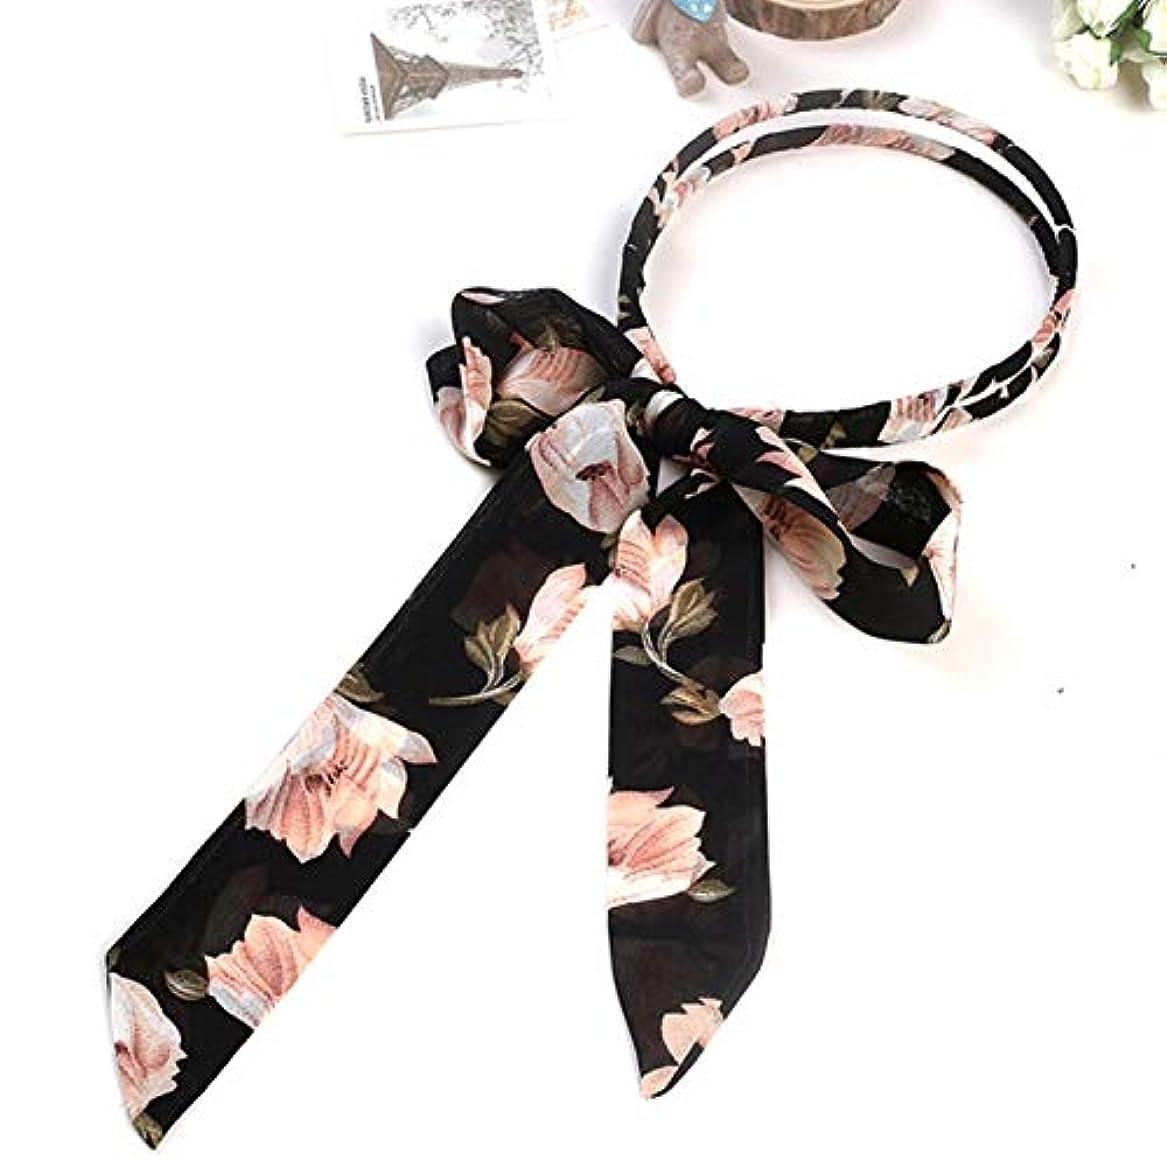 アシュリータファーマン入場料心のこもったサリーの店 便利なデザイン韓国女性スウィート女の子ボウヘアヘッドバンド編み花弓の結び目リボン毛フープ(None 5)